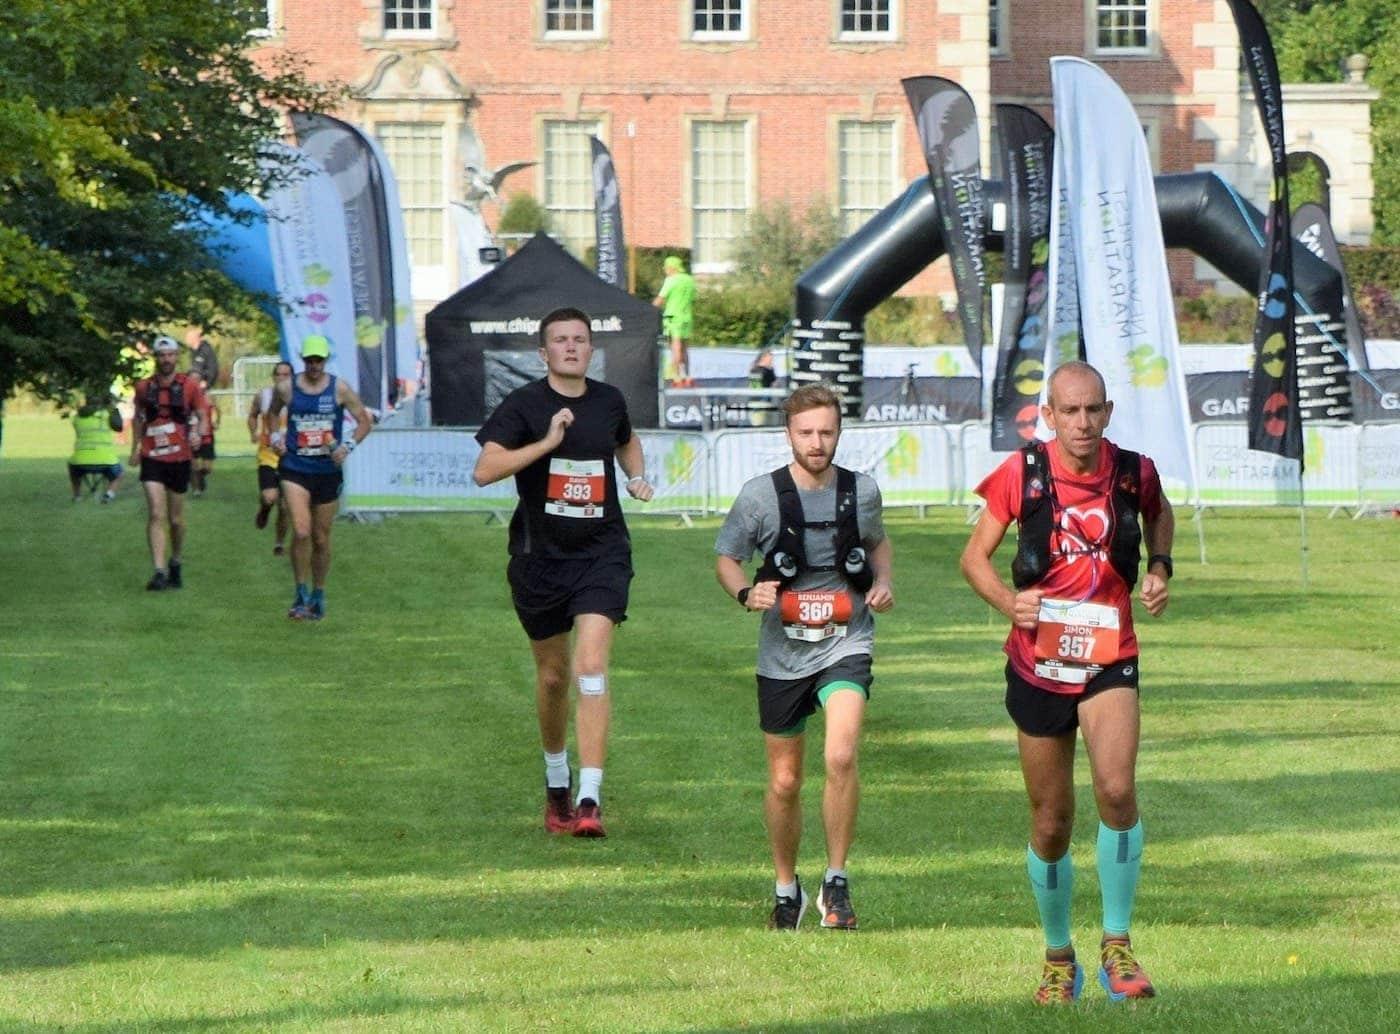 2021 Garmin New Forest Marathon